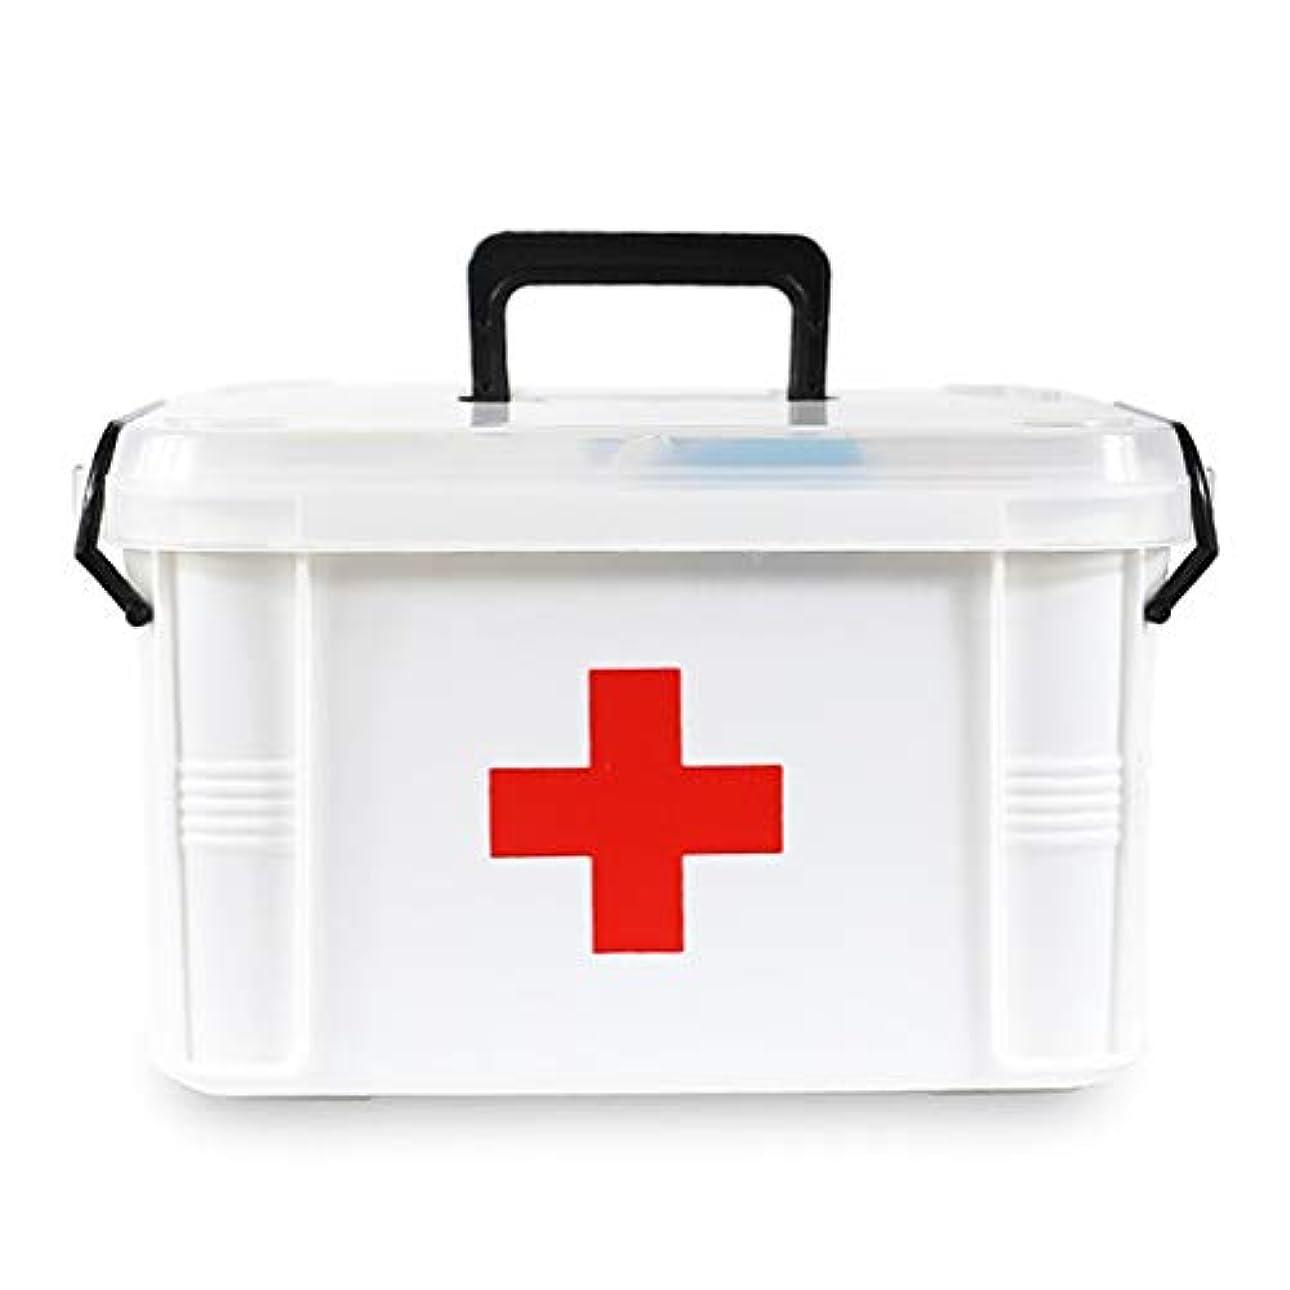 スキャンダラス収穫困惑するZWYHSD プラスチック製医療ボックス、二重層医療収納応急処置コンテナ、大型緊急キット収納雑貨ボックス ホーム、旅行、職場 (Size : L)